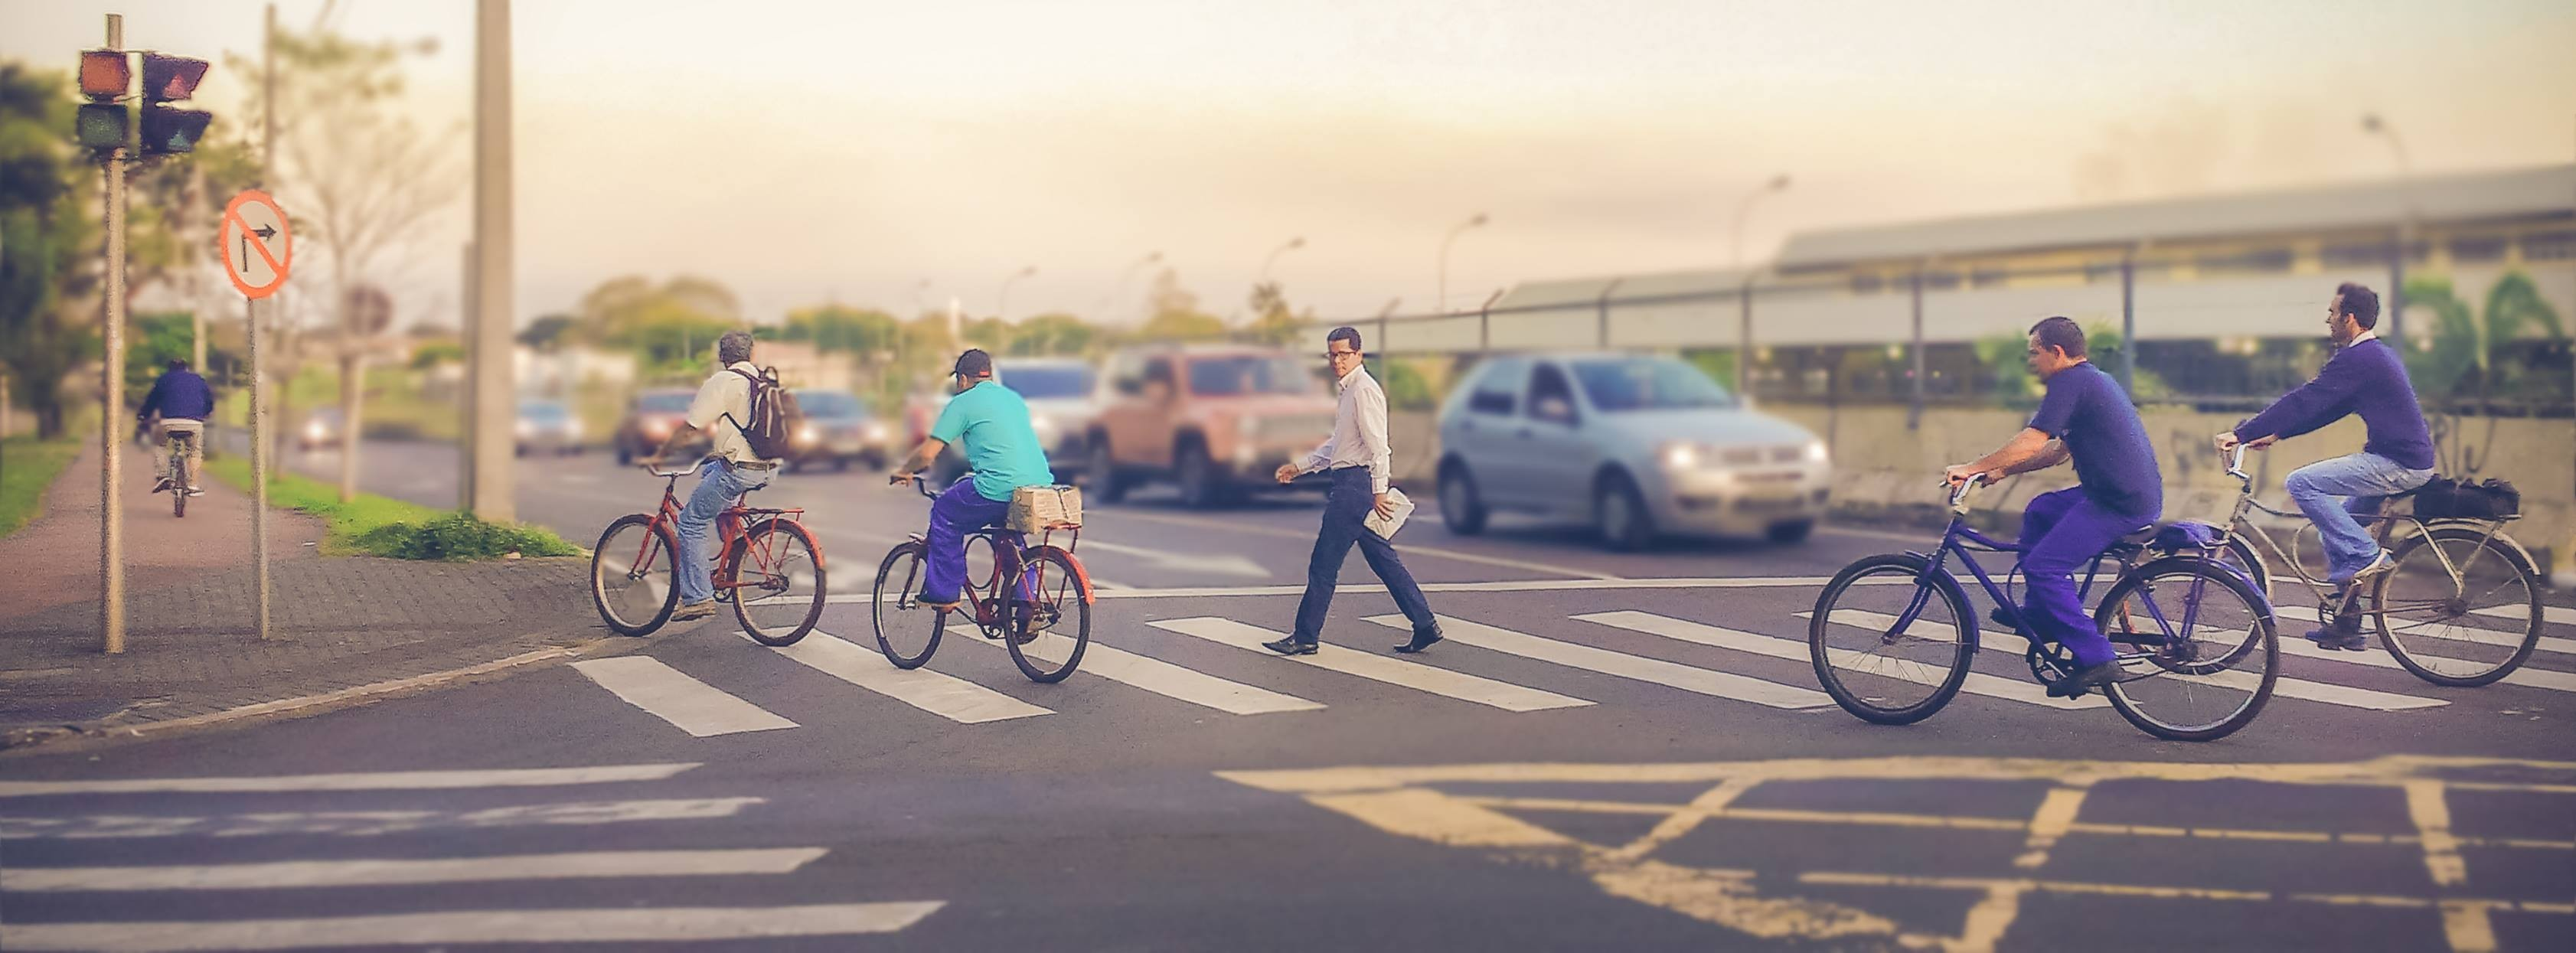 Uso da bicicleta contamina